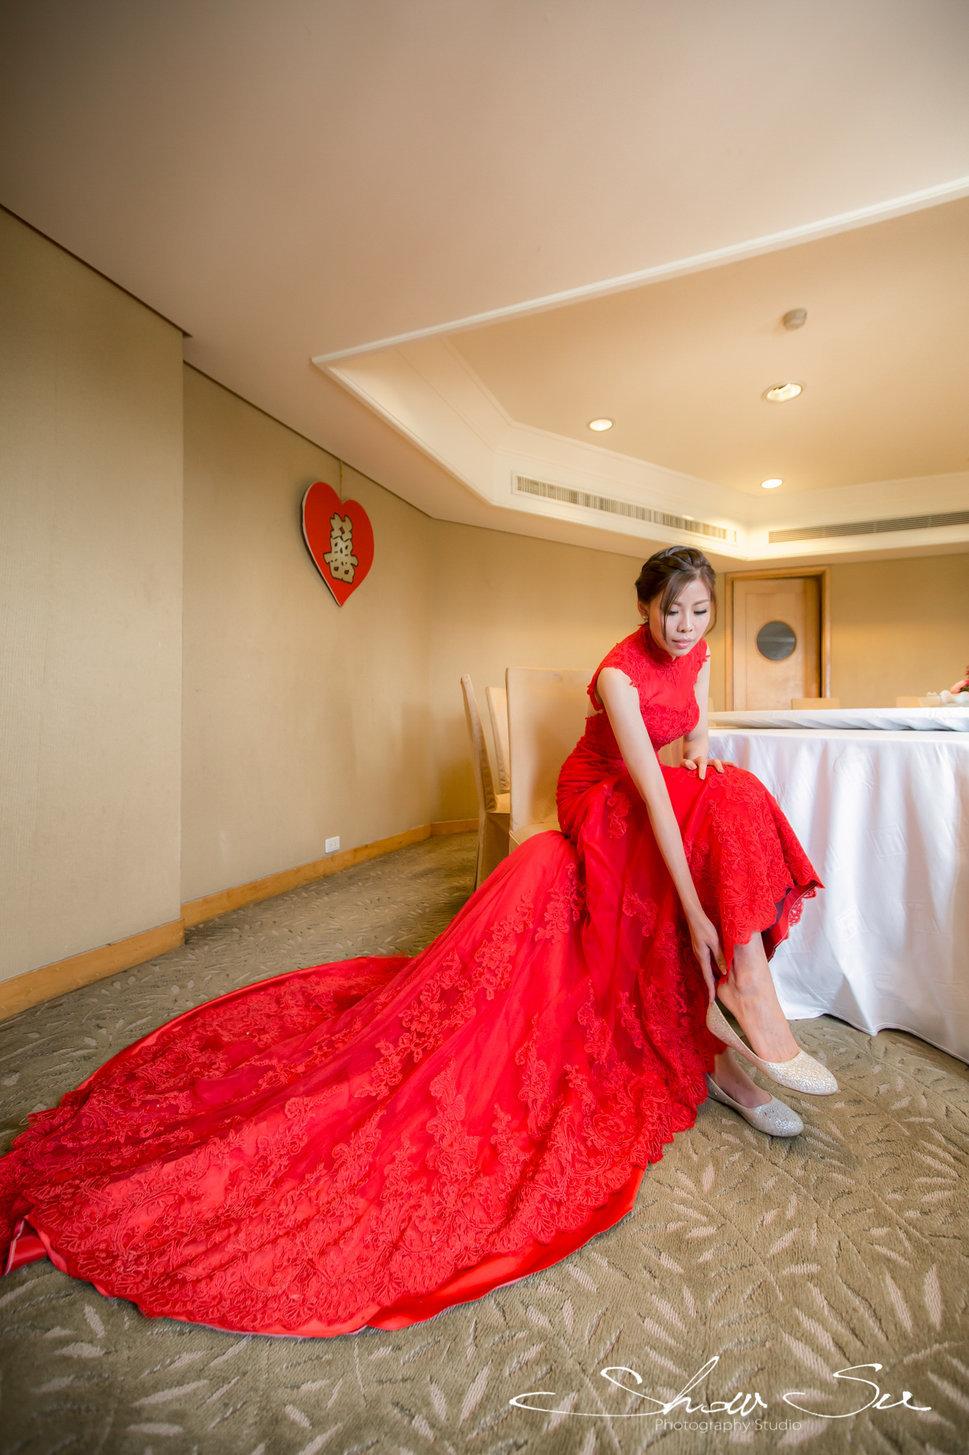 [婚攝] Alex & Carrie 高雄@國賓飯店│文定午宴(編號:513953) - Show Su Photography - 結婚吧一站式婚禮服